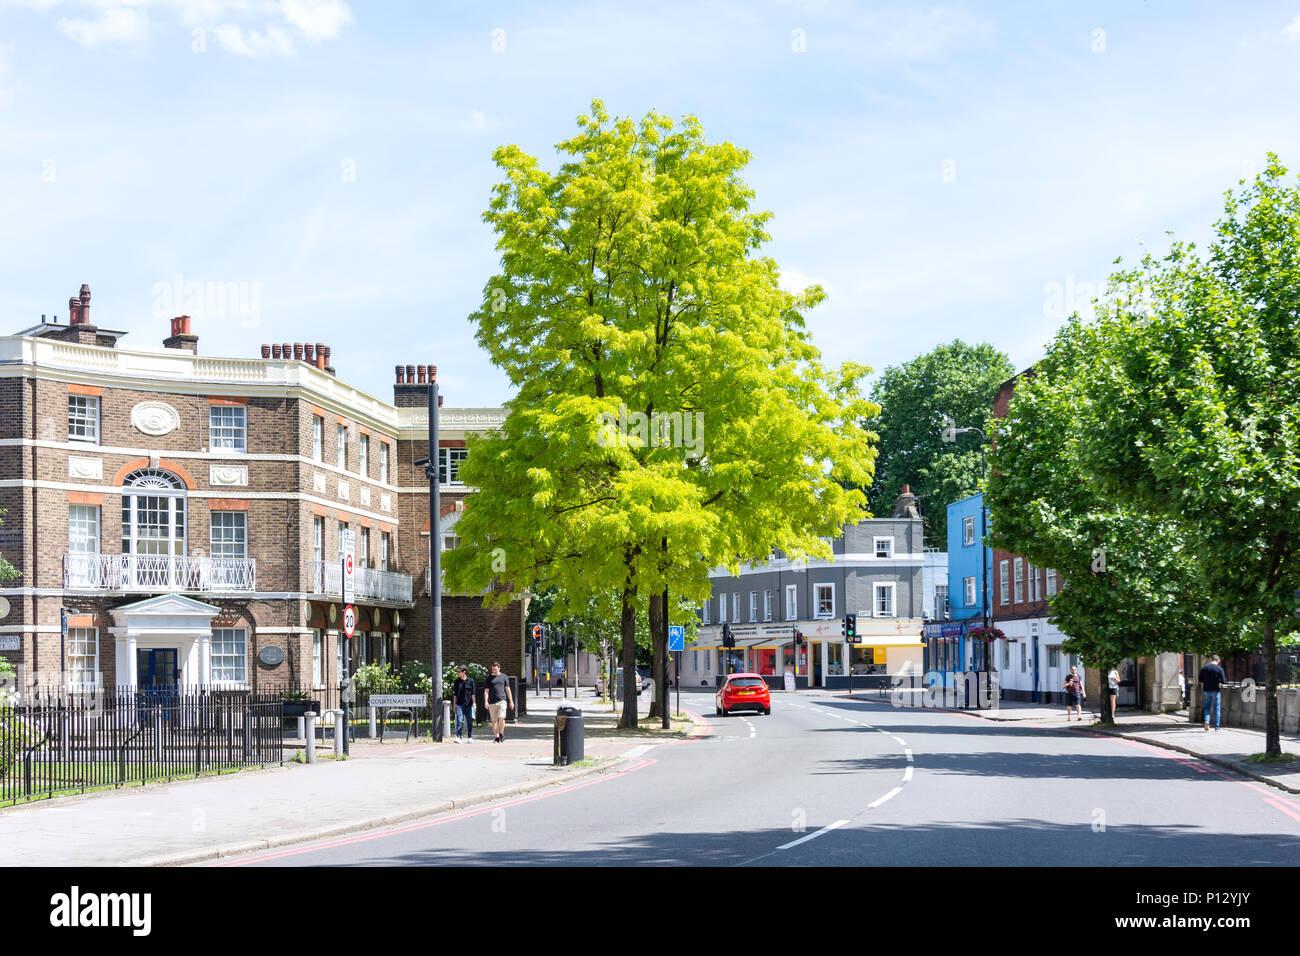 Kennington Lane, Kennington, London Borough of Lambeth, Greater London, England, United Kingdom - Stock Image